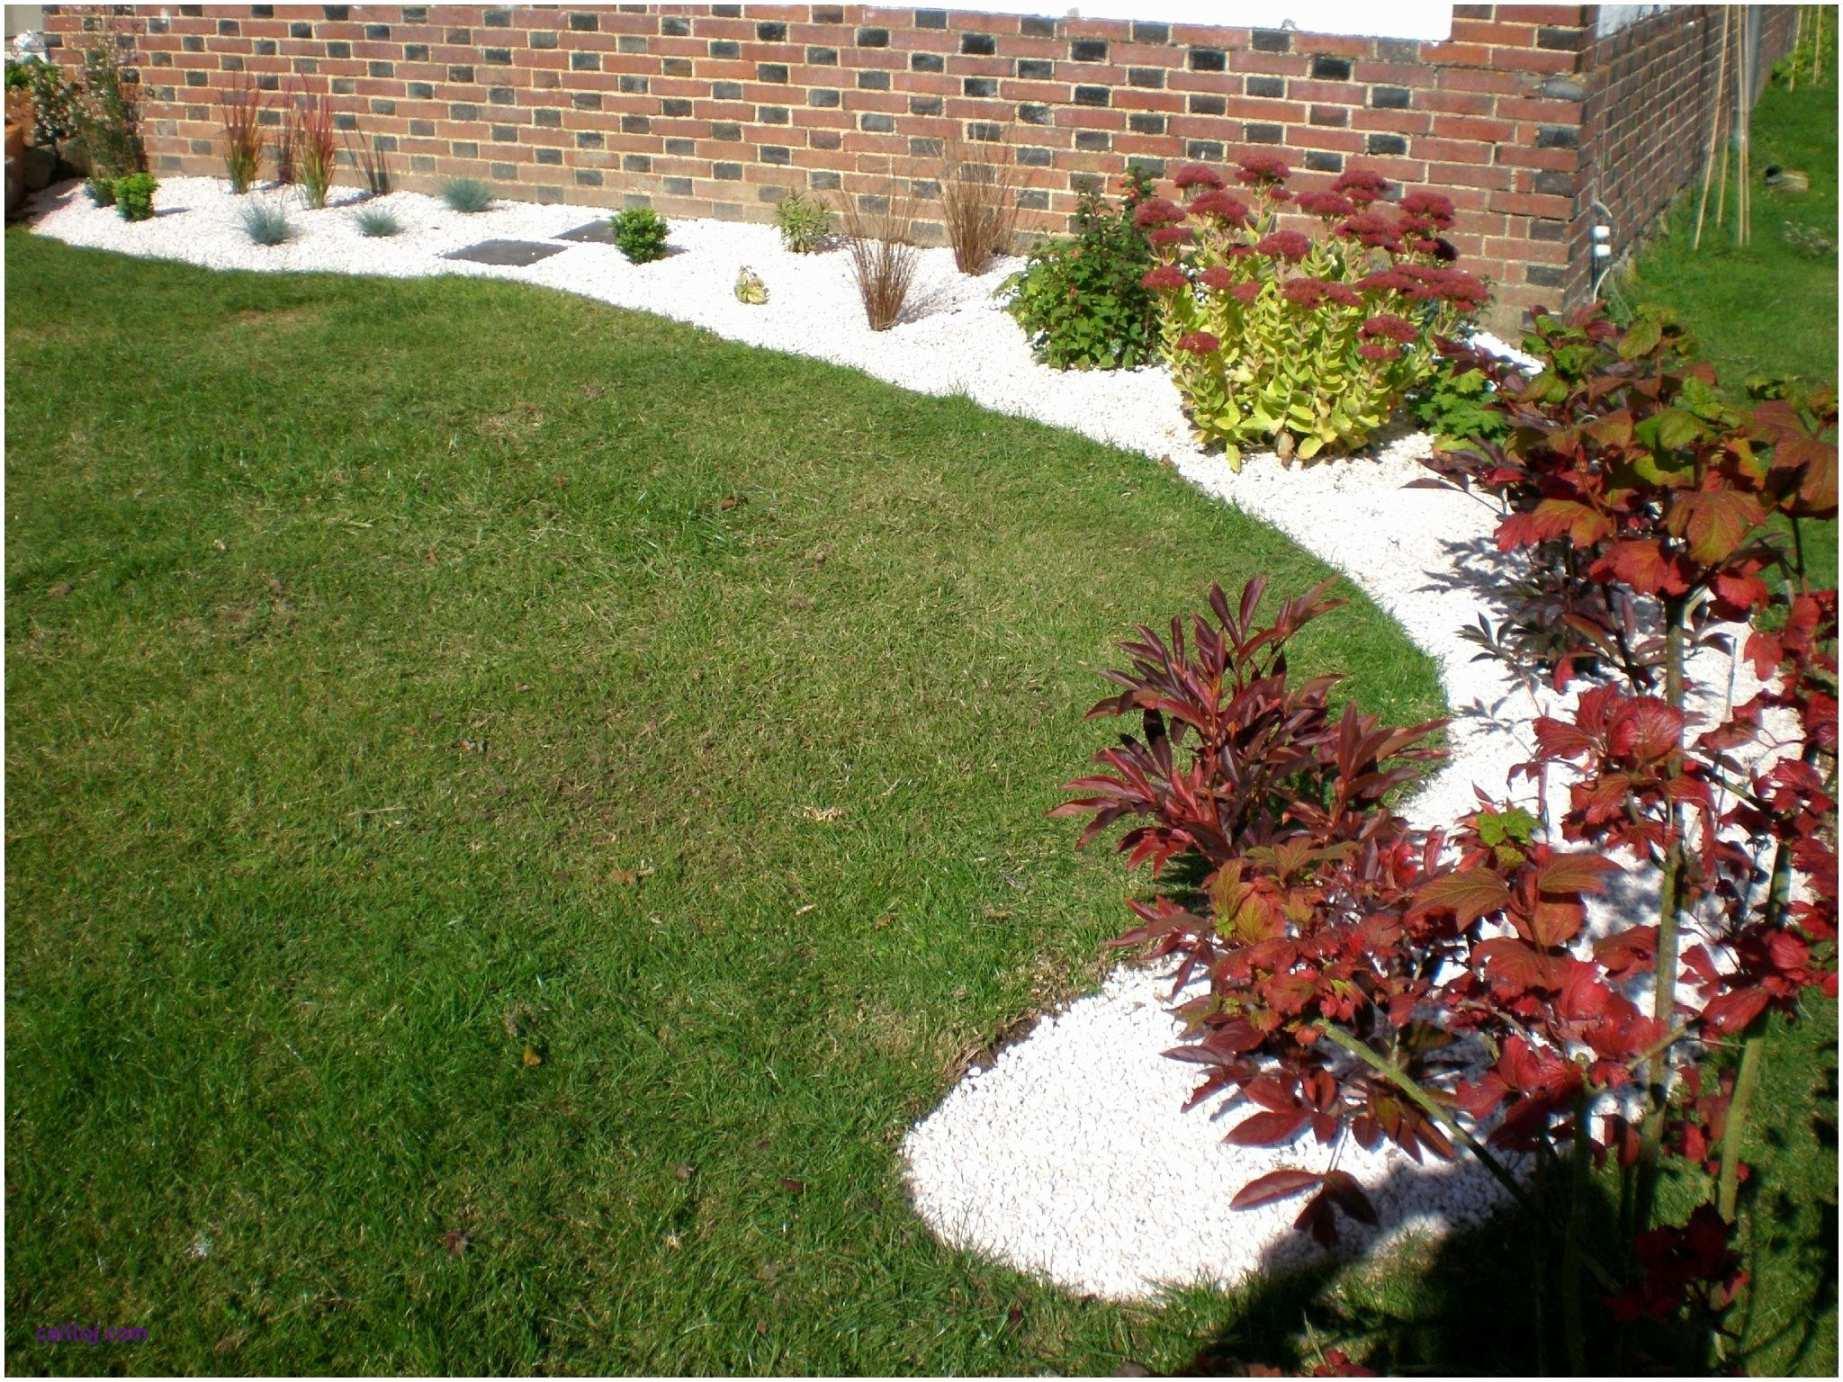 Faire Un Jardin Zen Pas Cher Schème - Idees Conception Jardin serapportantà Faire Un Jardin Zen